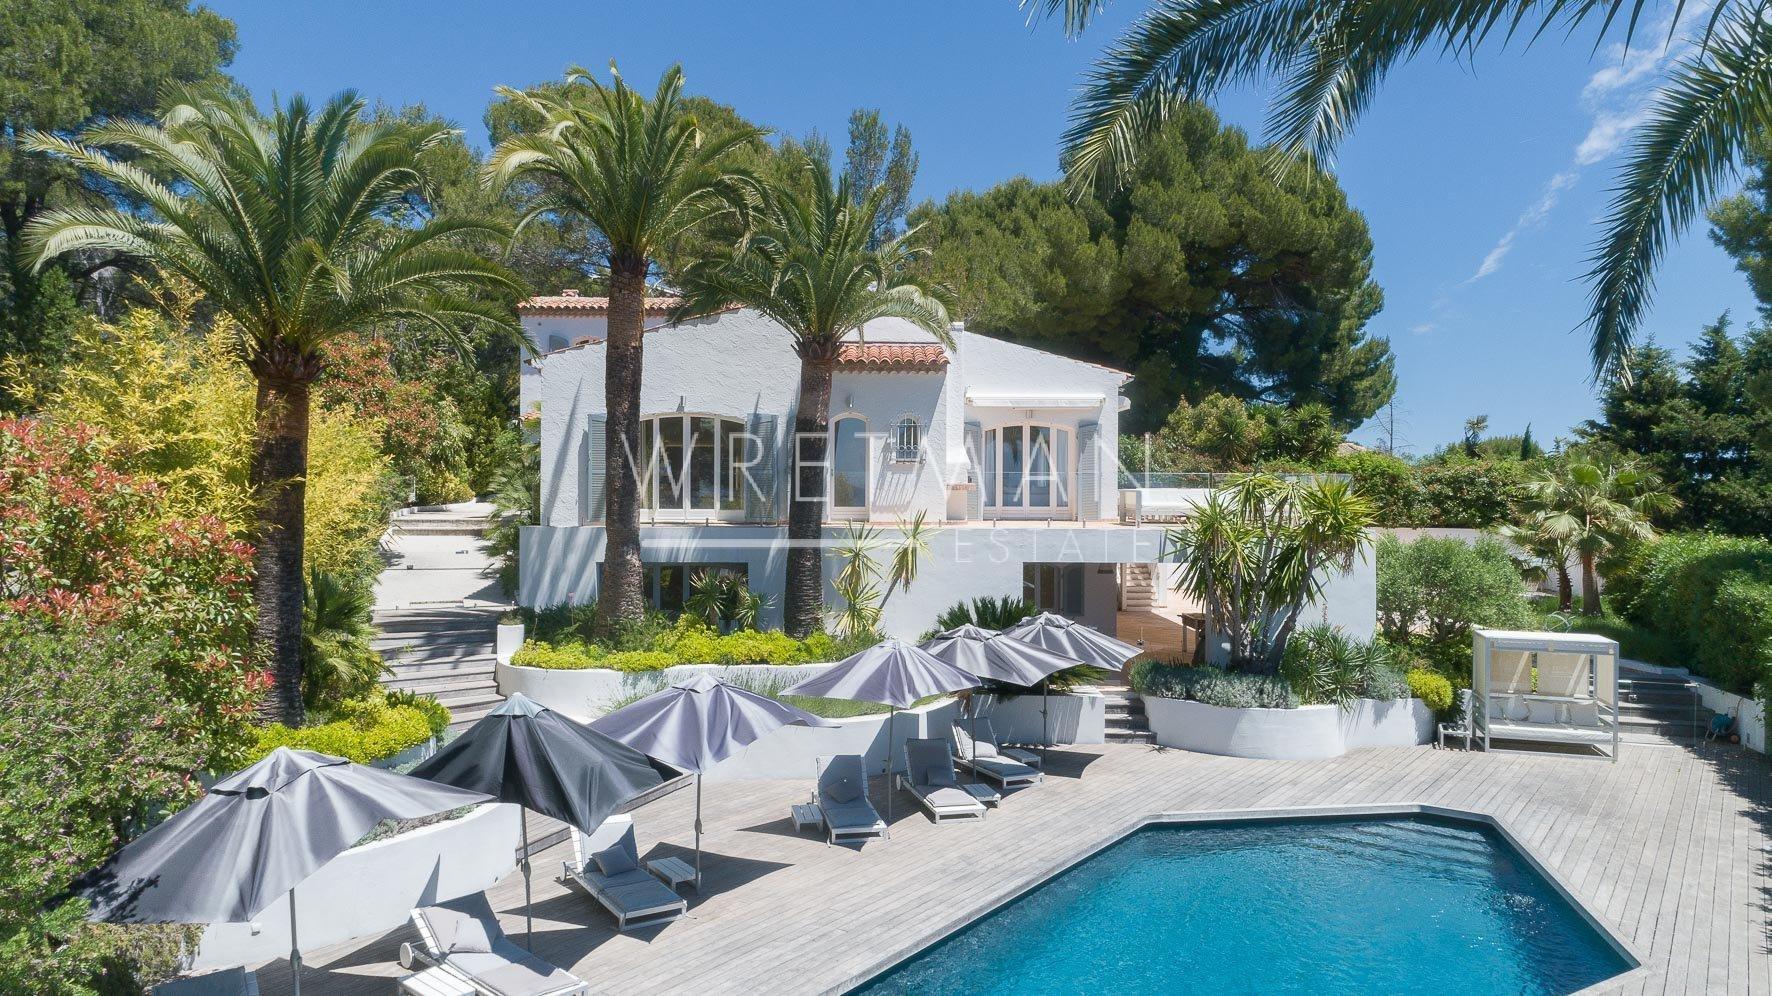 7 sovrum med havsutsikt - Super Cannes